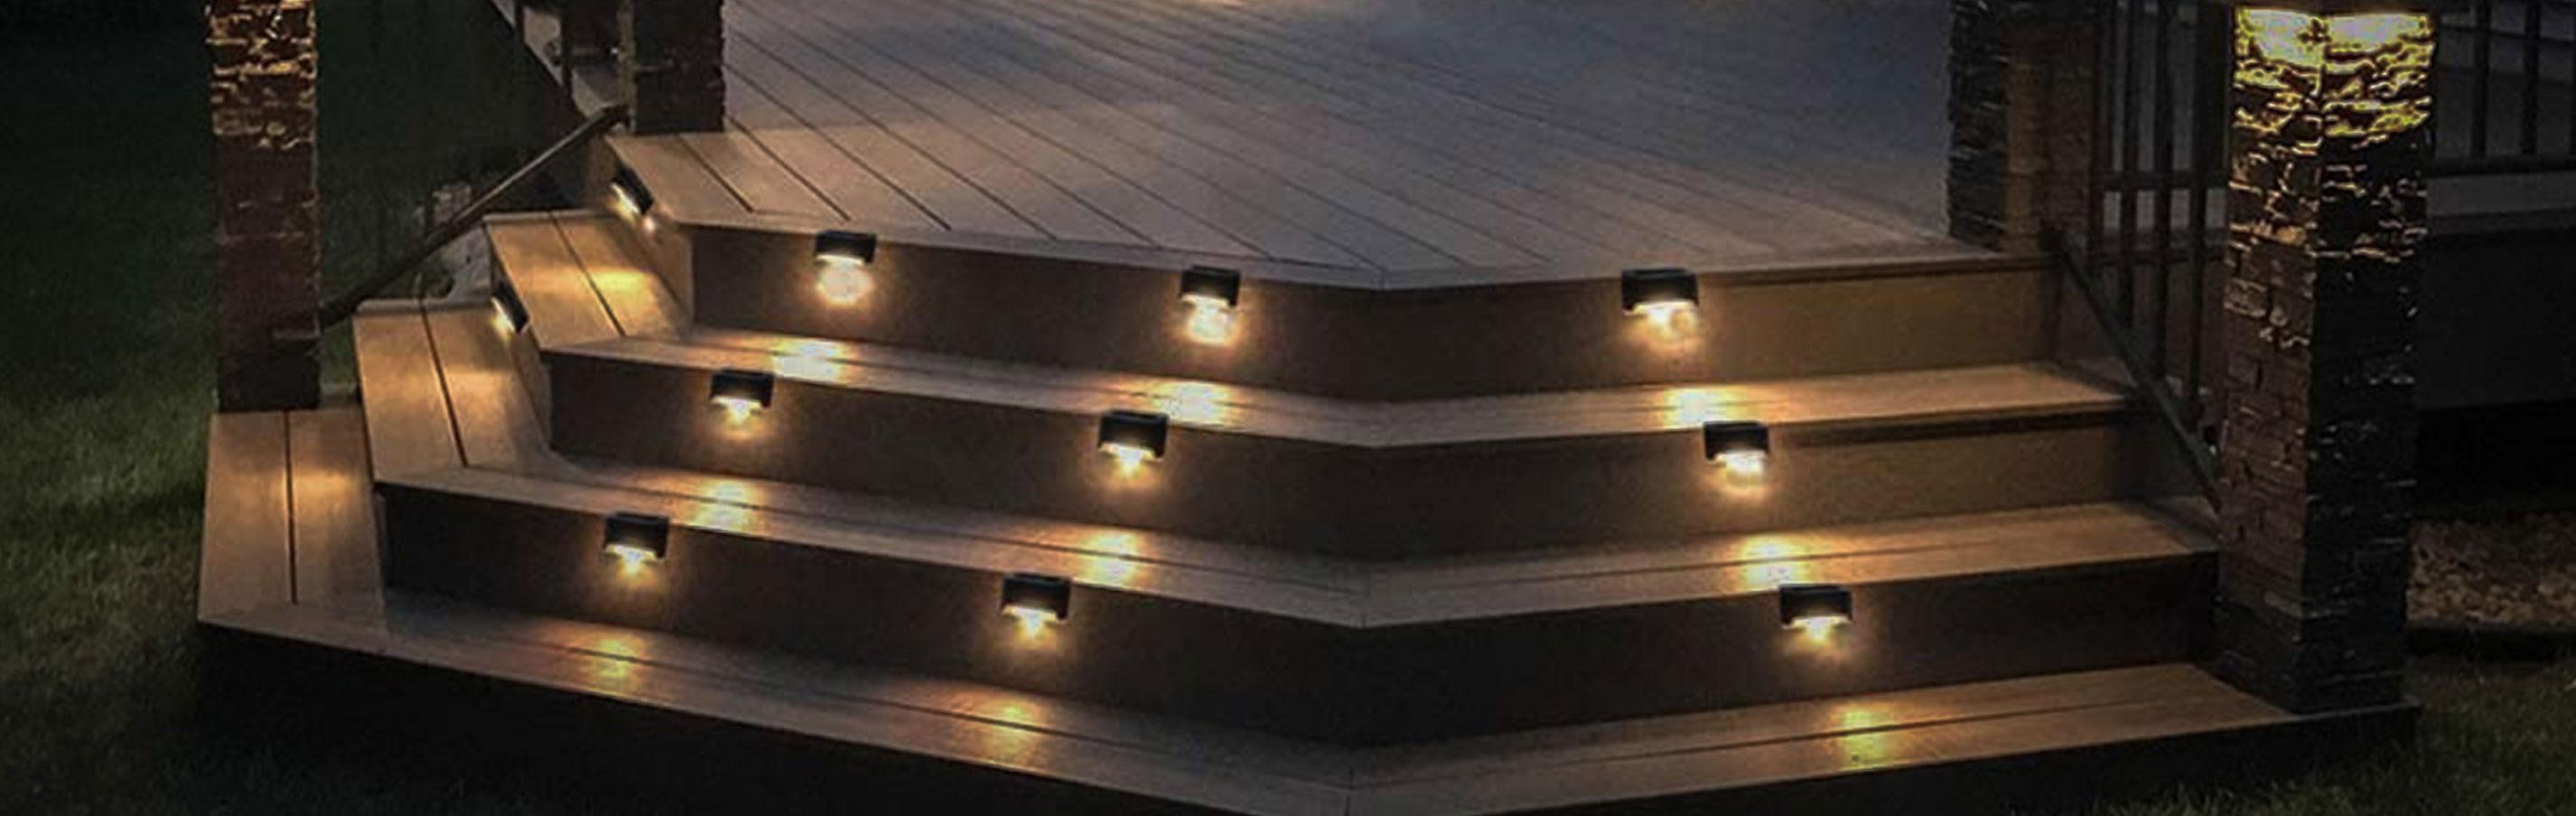 LED Trapp og Terrasselys